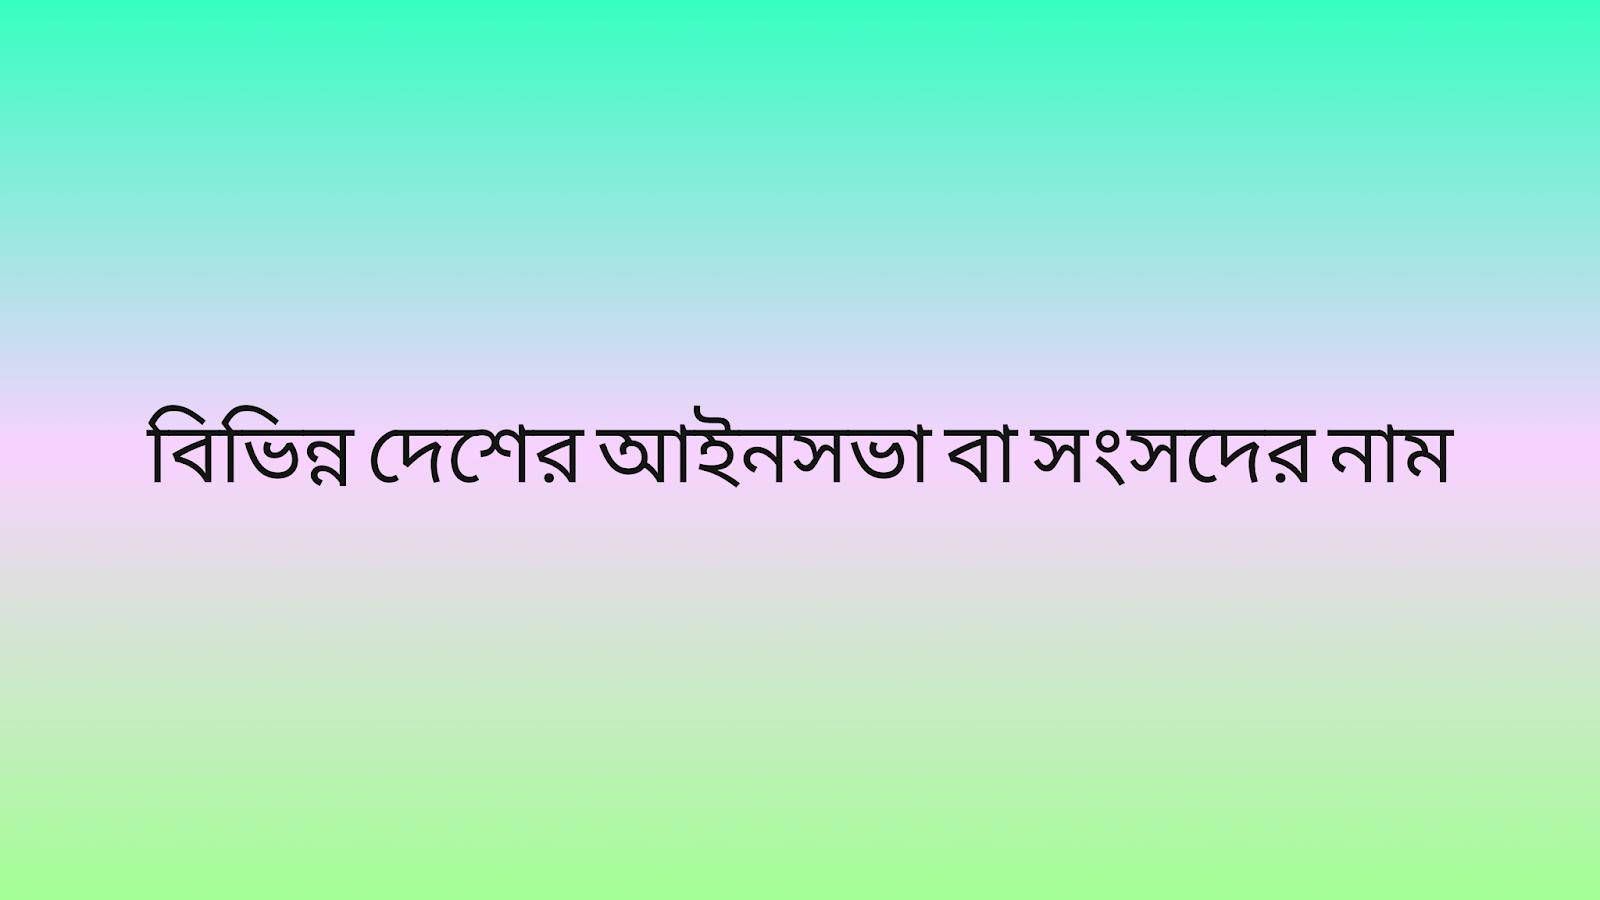 বিভিন্ন দেশের আইনসভা বা সংসদের নাম  (Name of the Legislature or Parliament of different countries)